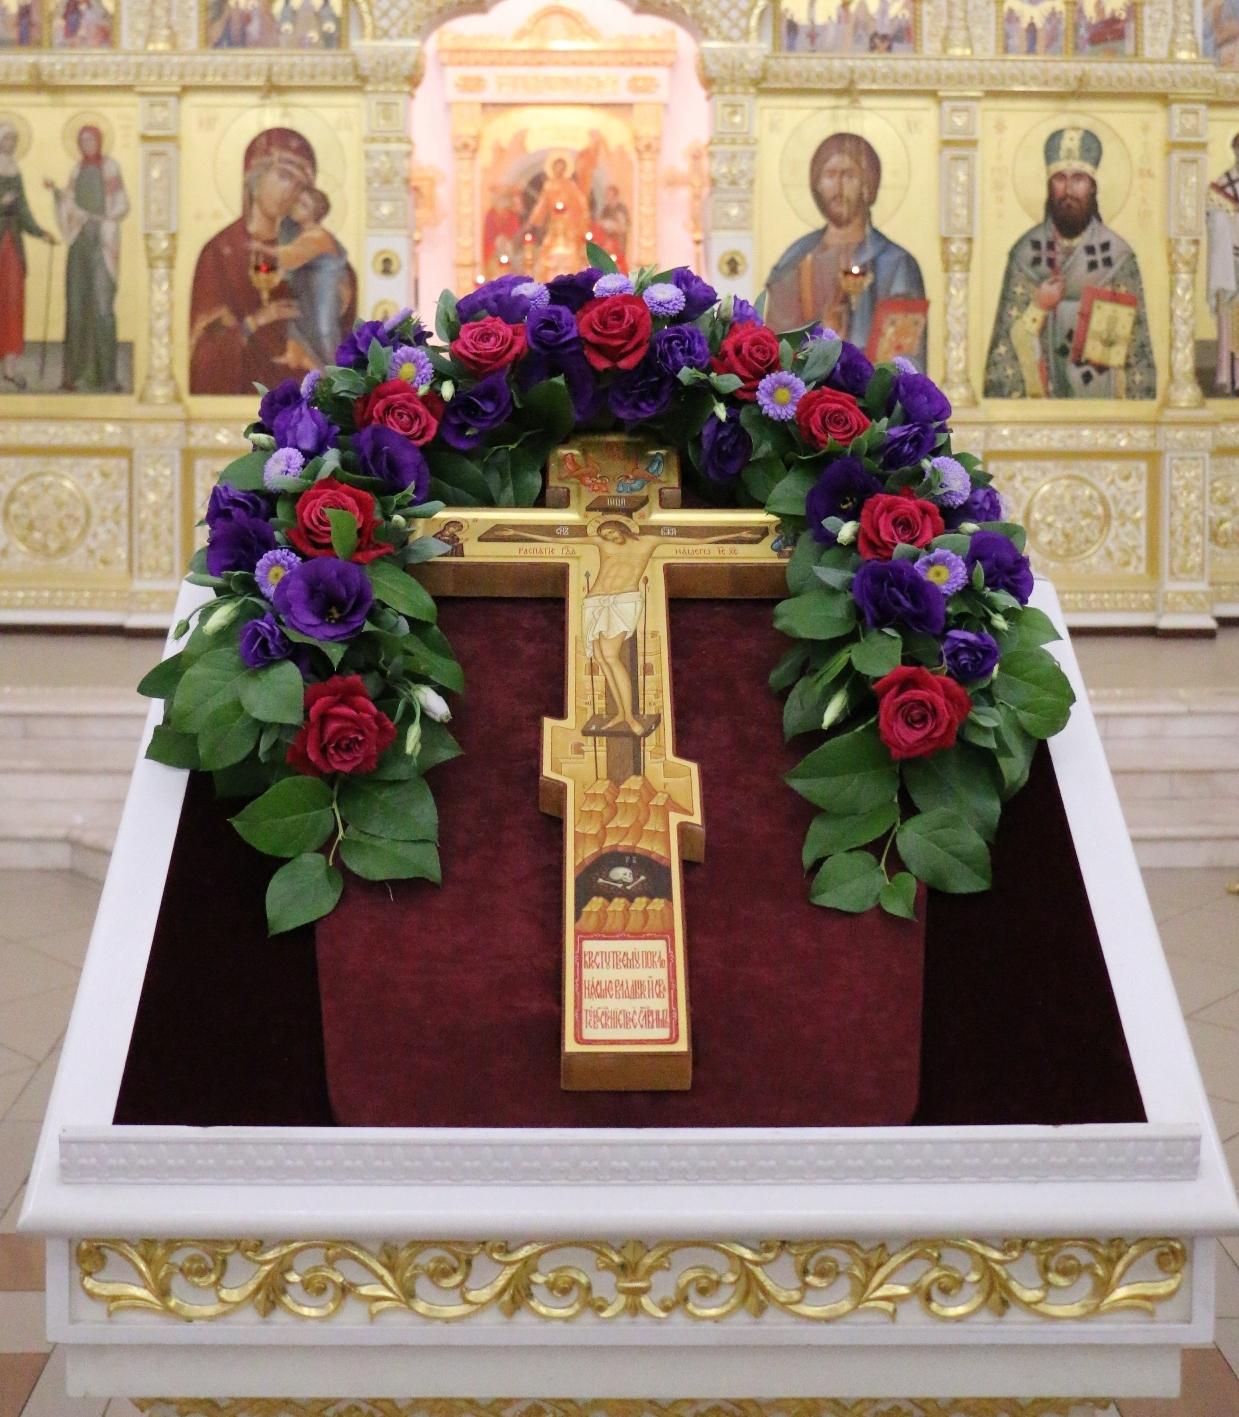 Неделя 16-я по Пятидесятнице. Воздвижение Честного и Животворящего Креста Господня